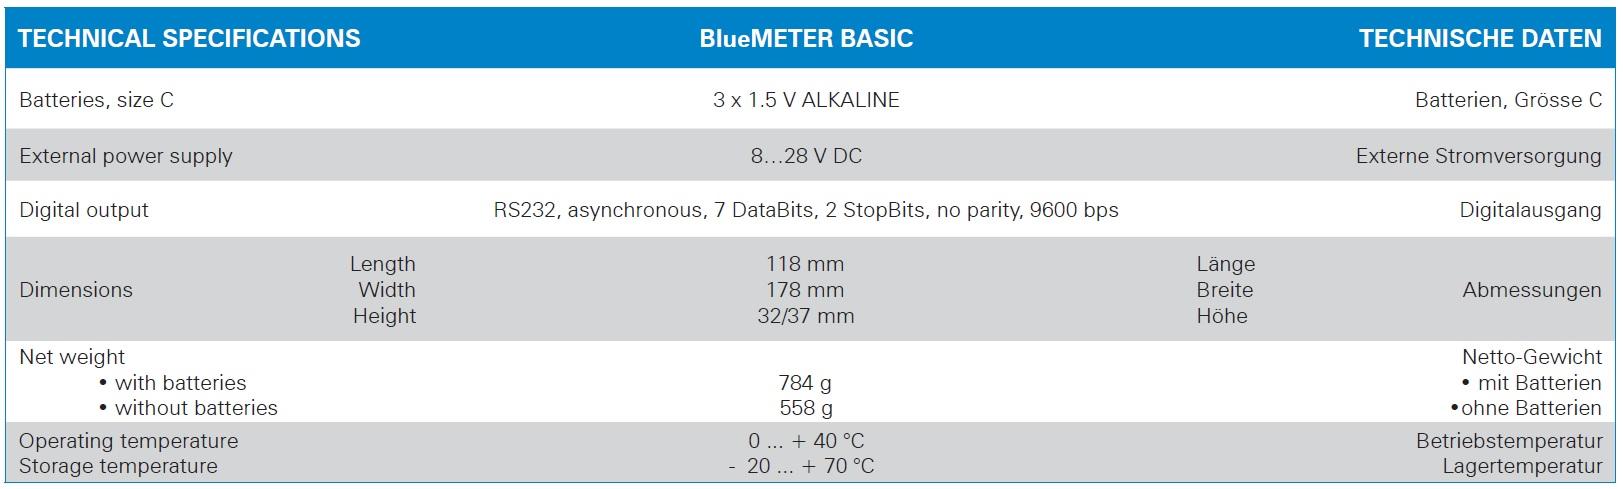 specifikace BlueMETER